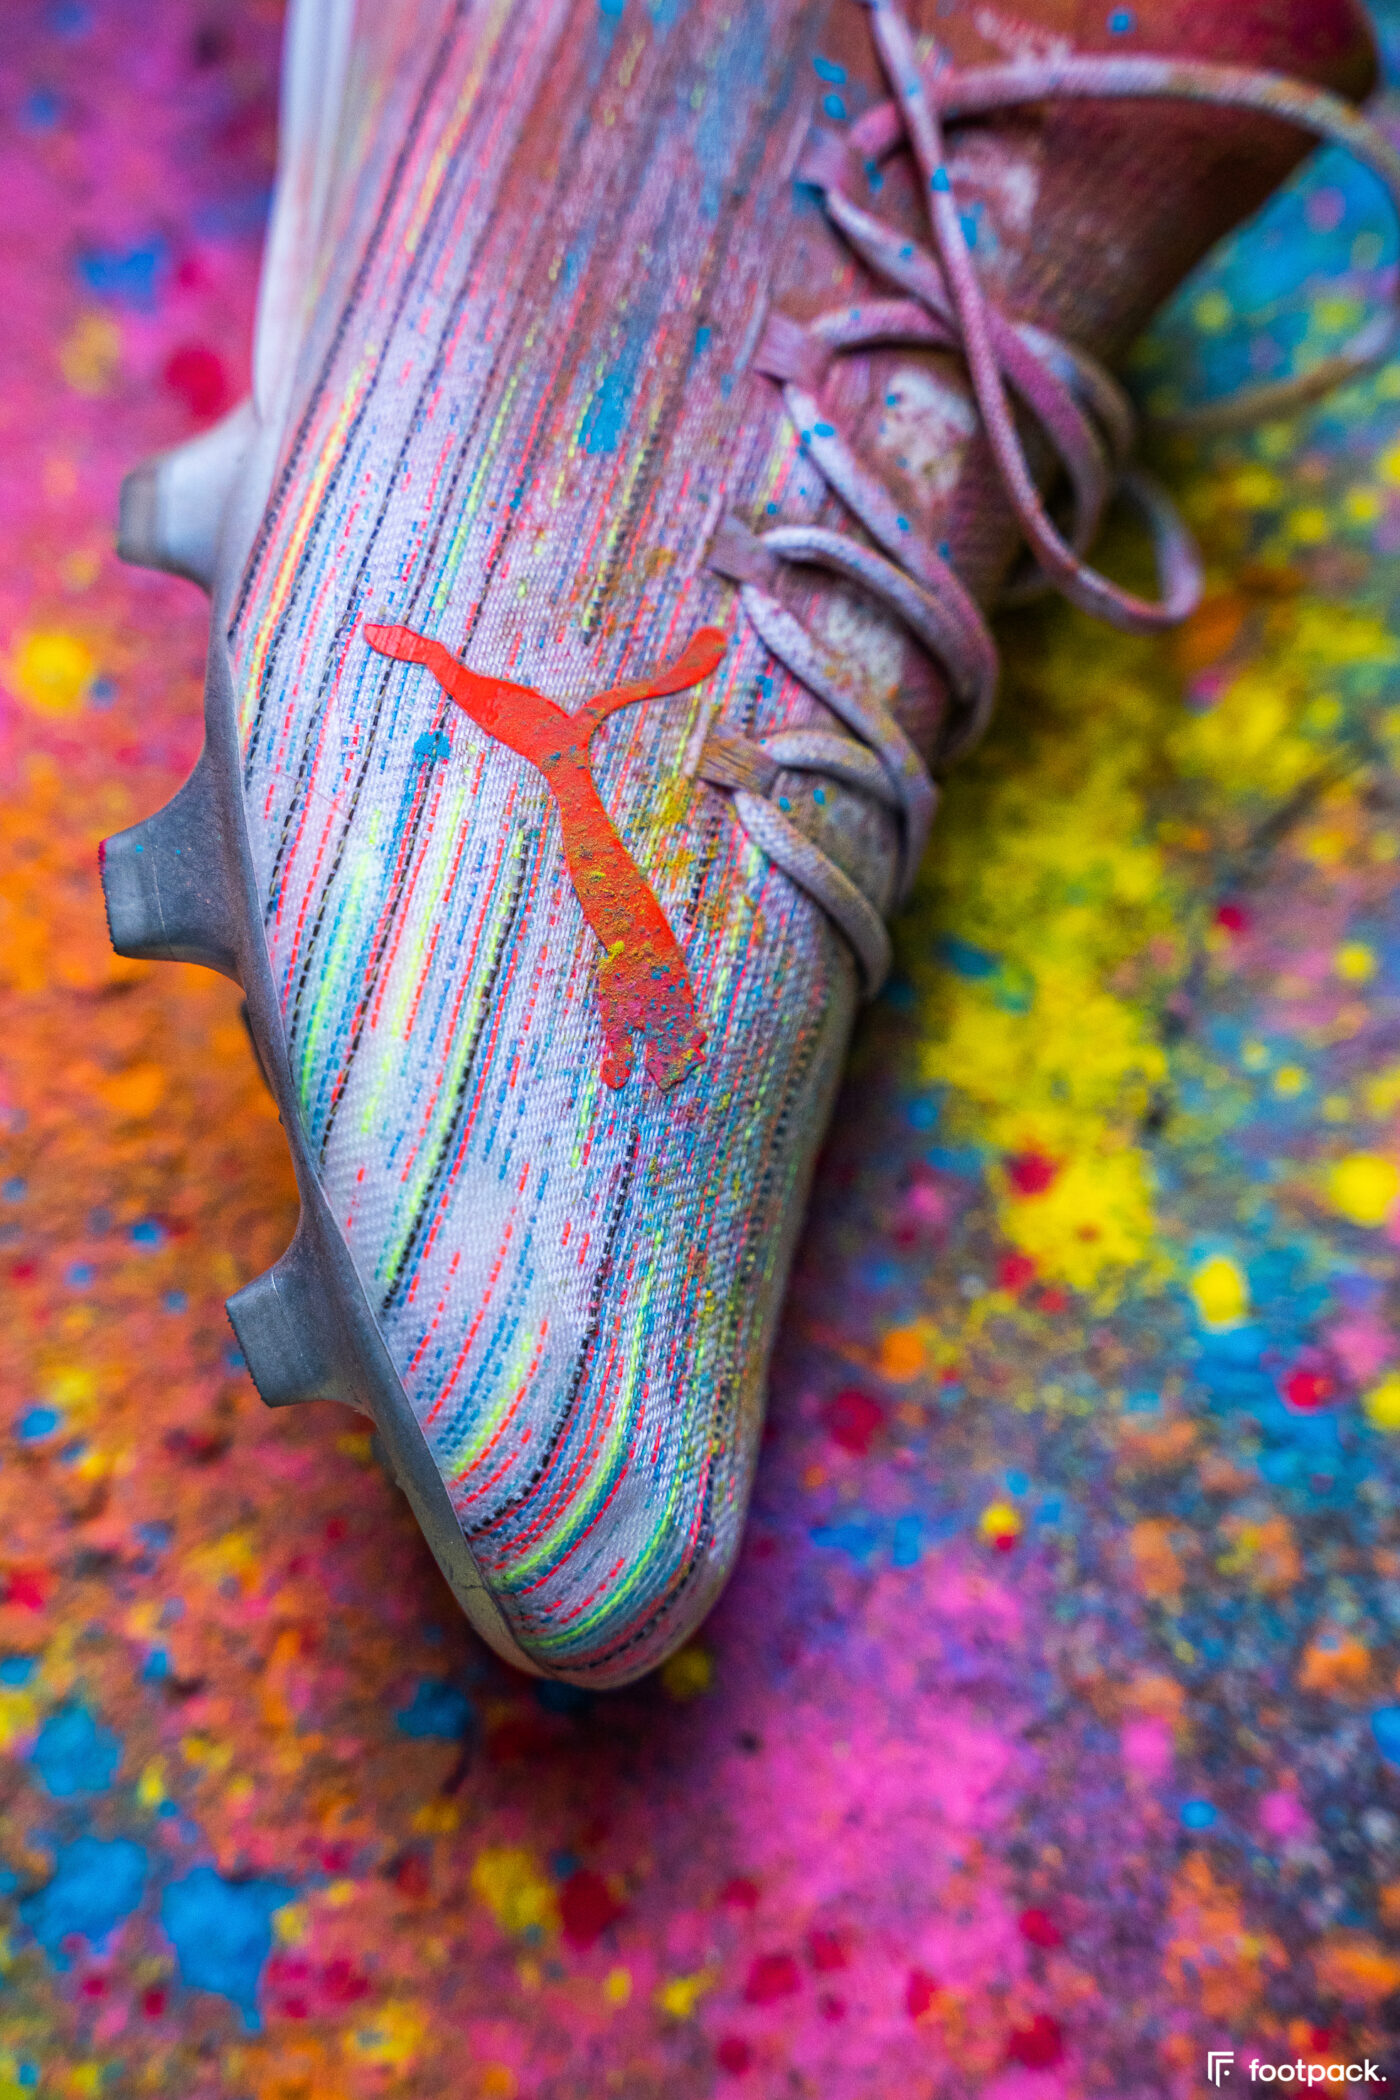 Puma Spectra footpack